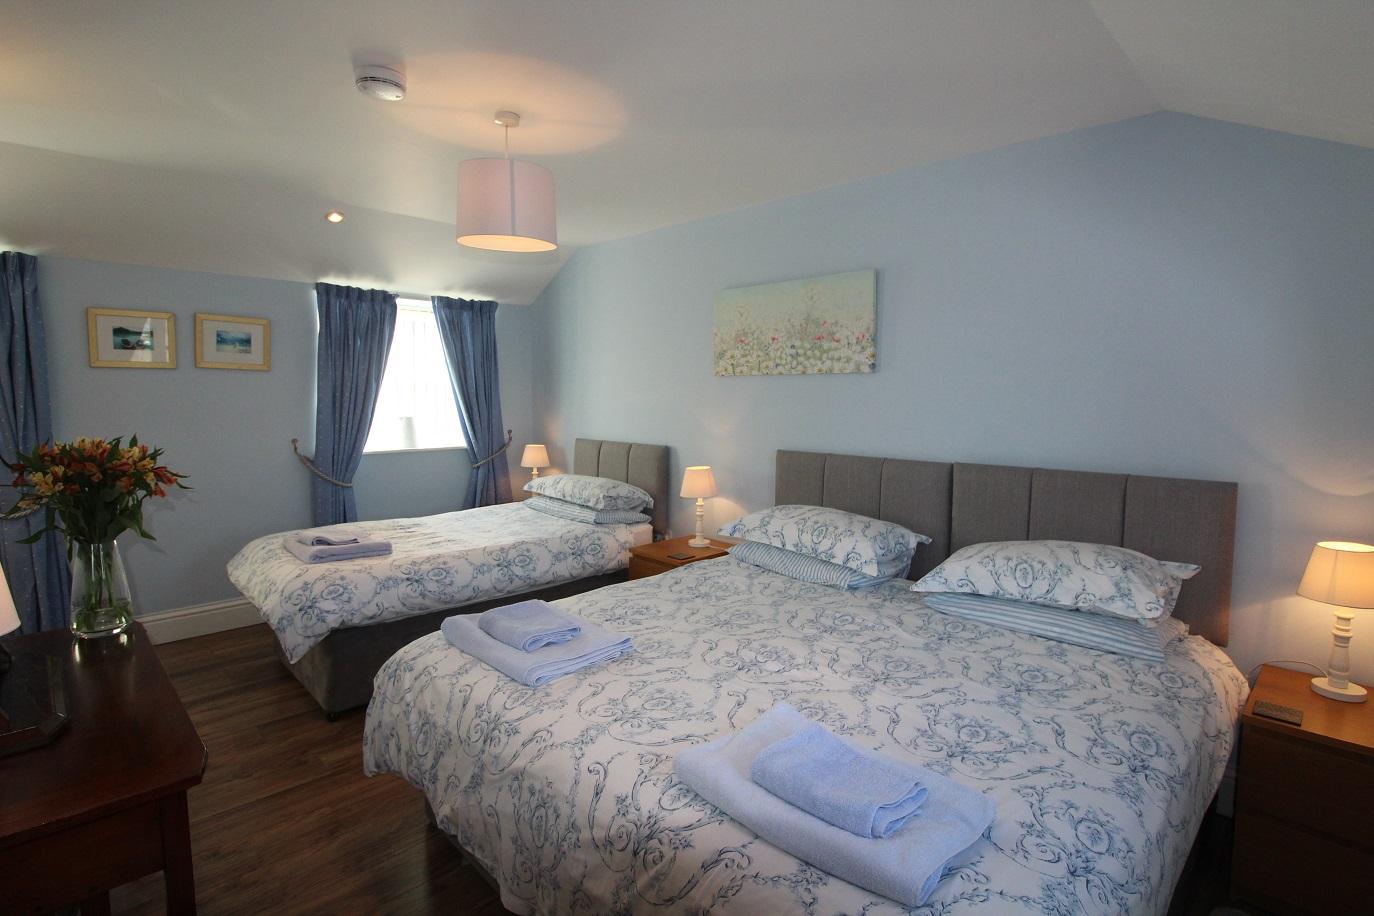 Briarhill - Bedroom 2